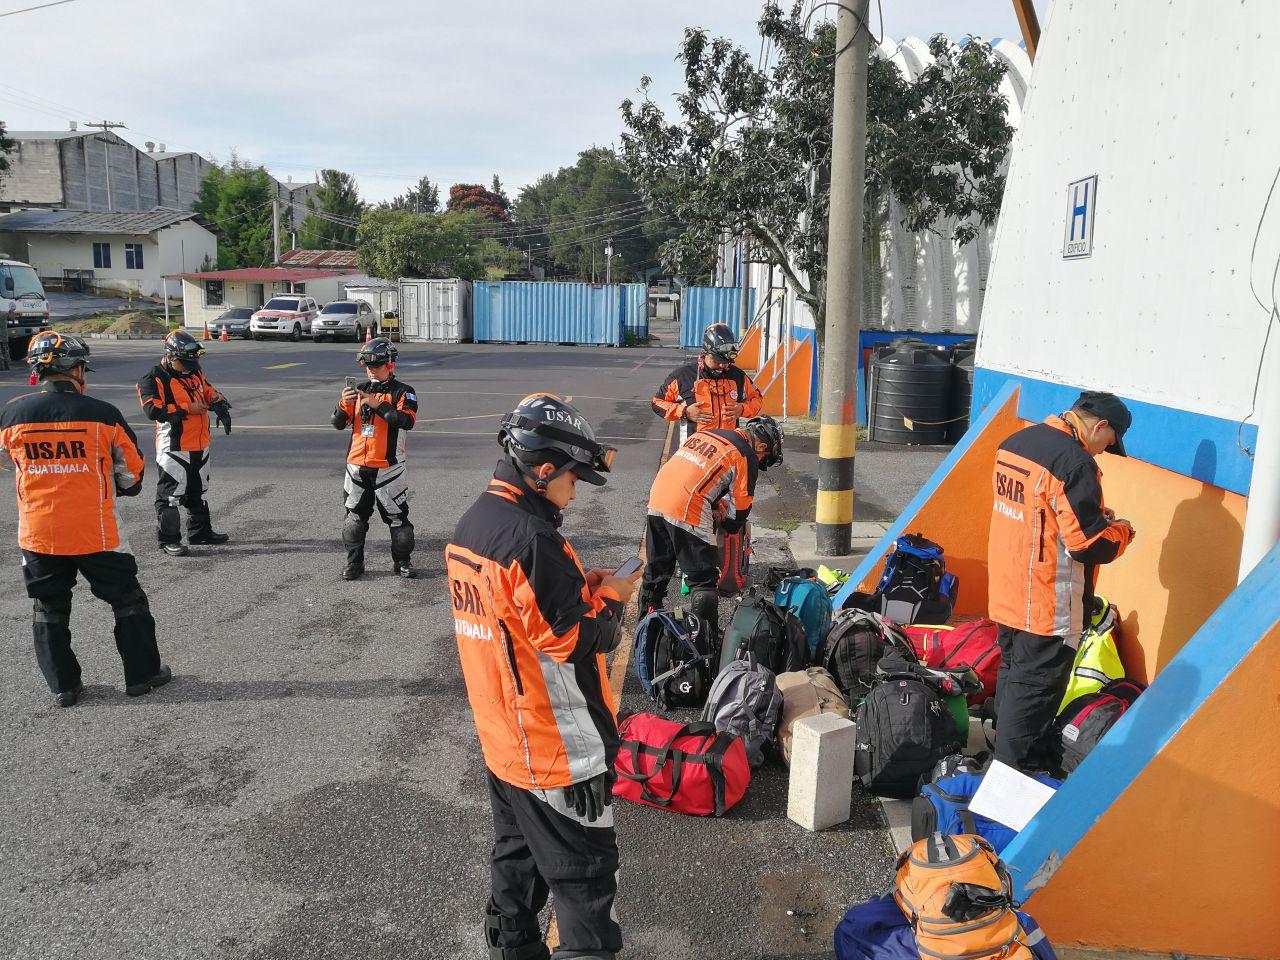 Equipo de Búsqueda y Rescate de Guatemala apoyará a México tras terrremoto